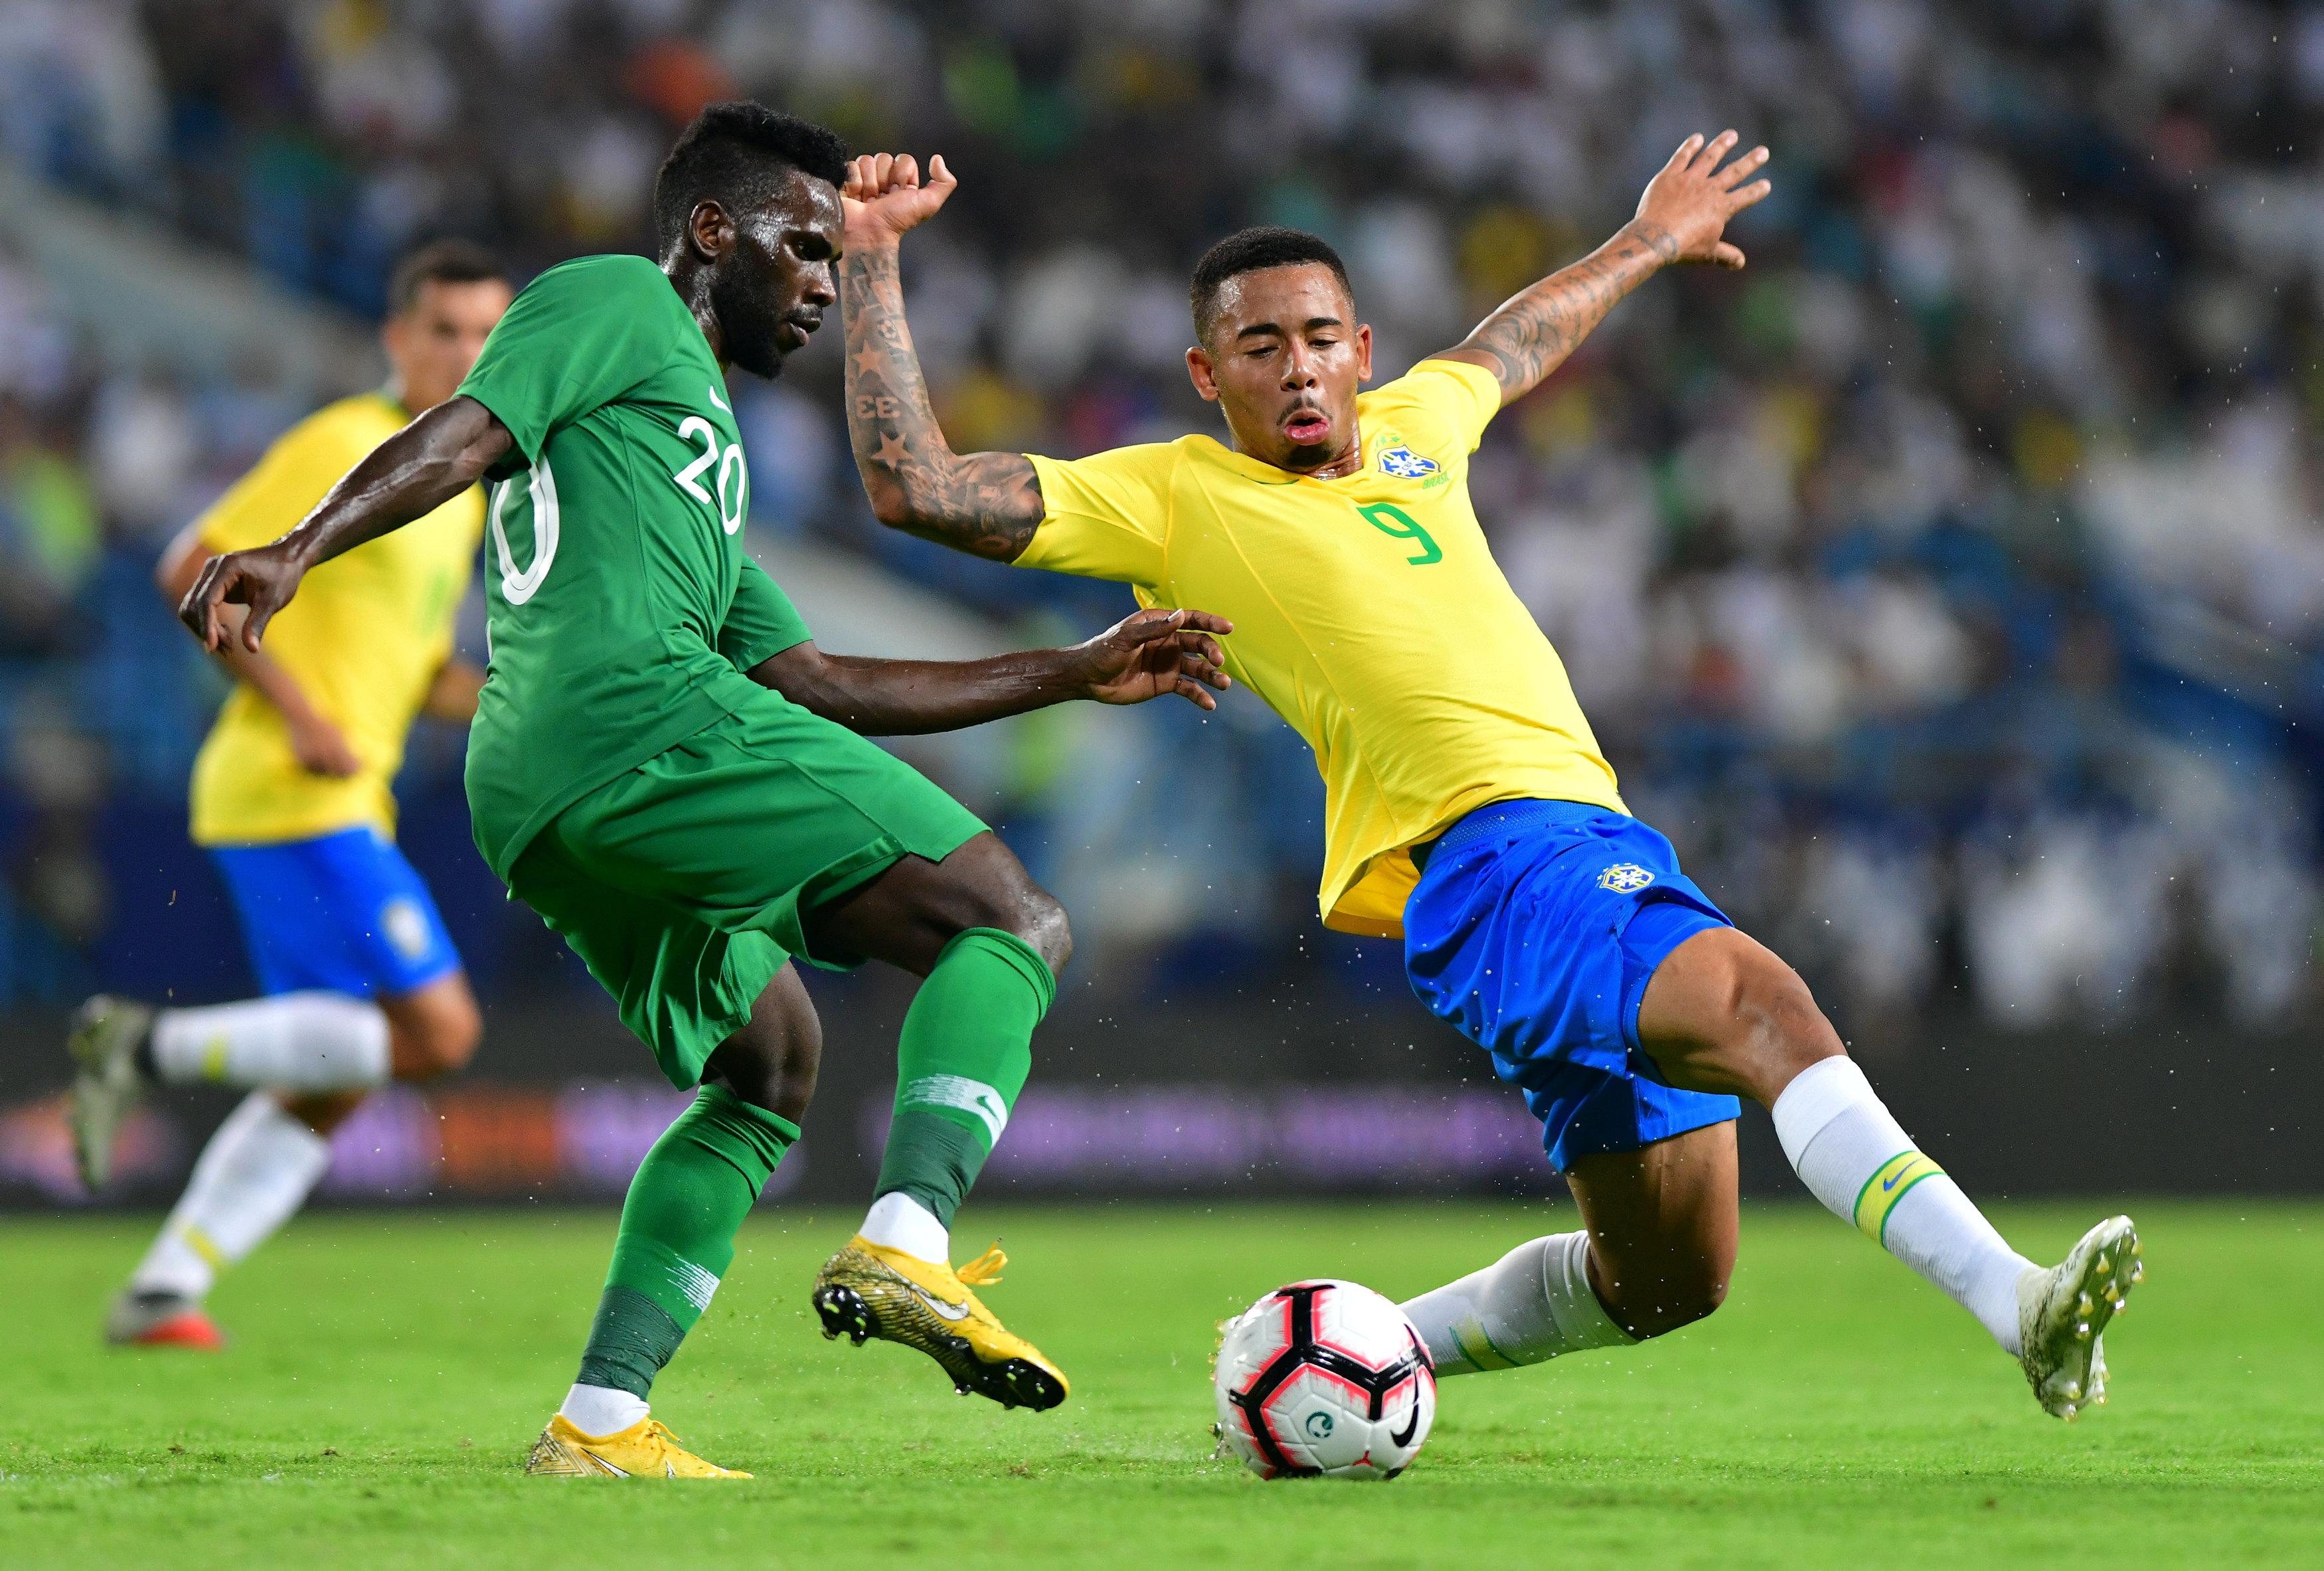 مباراة السعودية ضد البرازيل  (1)